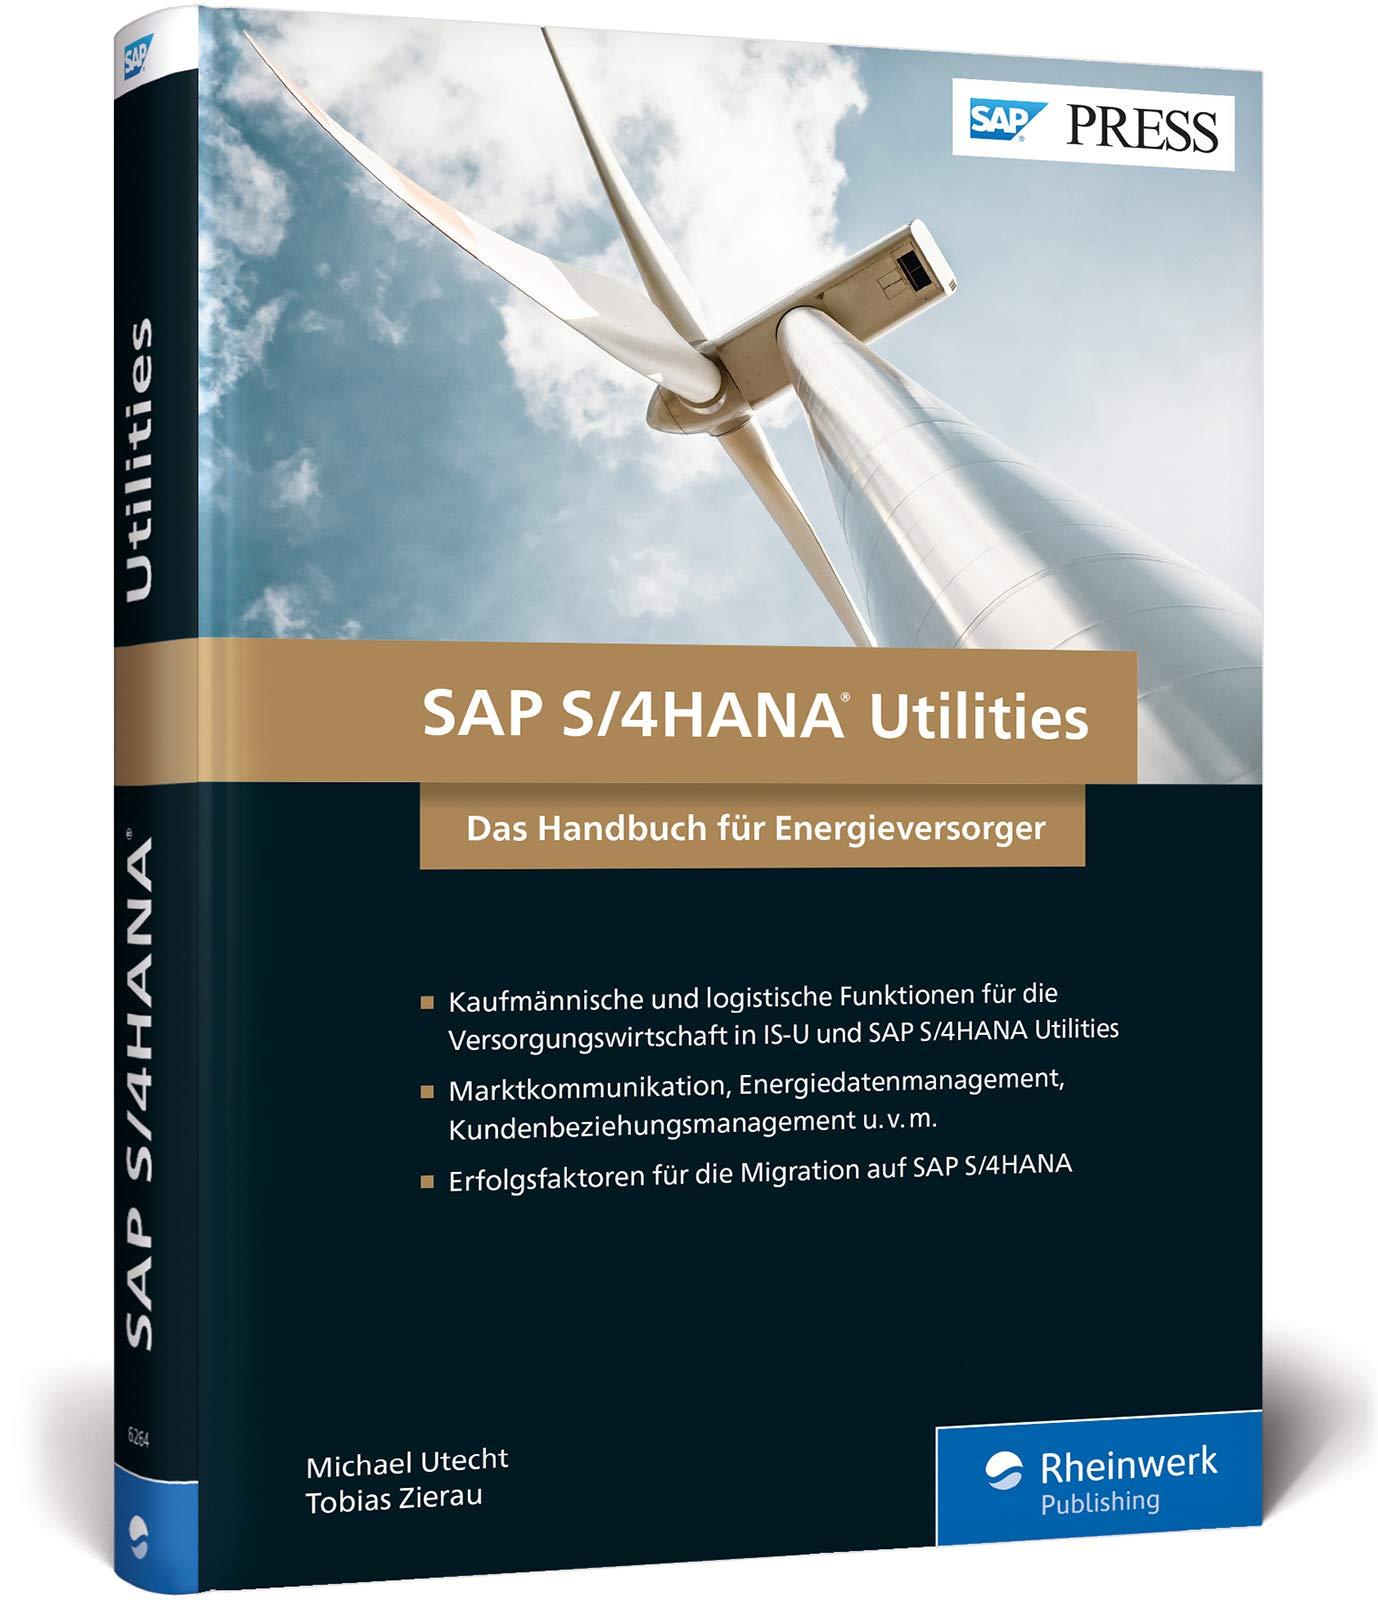 SAP S/4HANA Utilities: Neue Funktionen für die Versorgungswirtschaft (SAP PRESS) Gebundenes Buch – 24. August 2018 Michael Utecht Tobias Zierau 3836262649 Anwendungs-Software